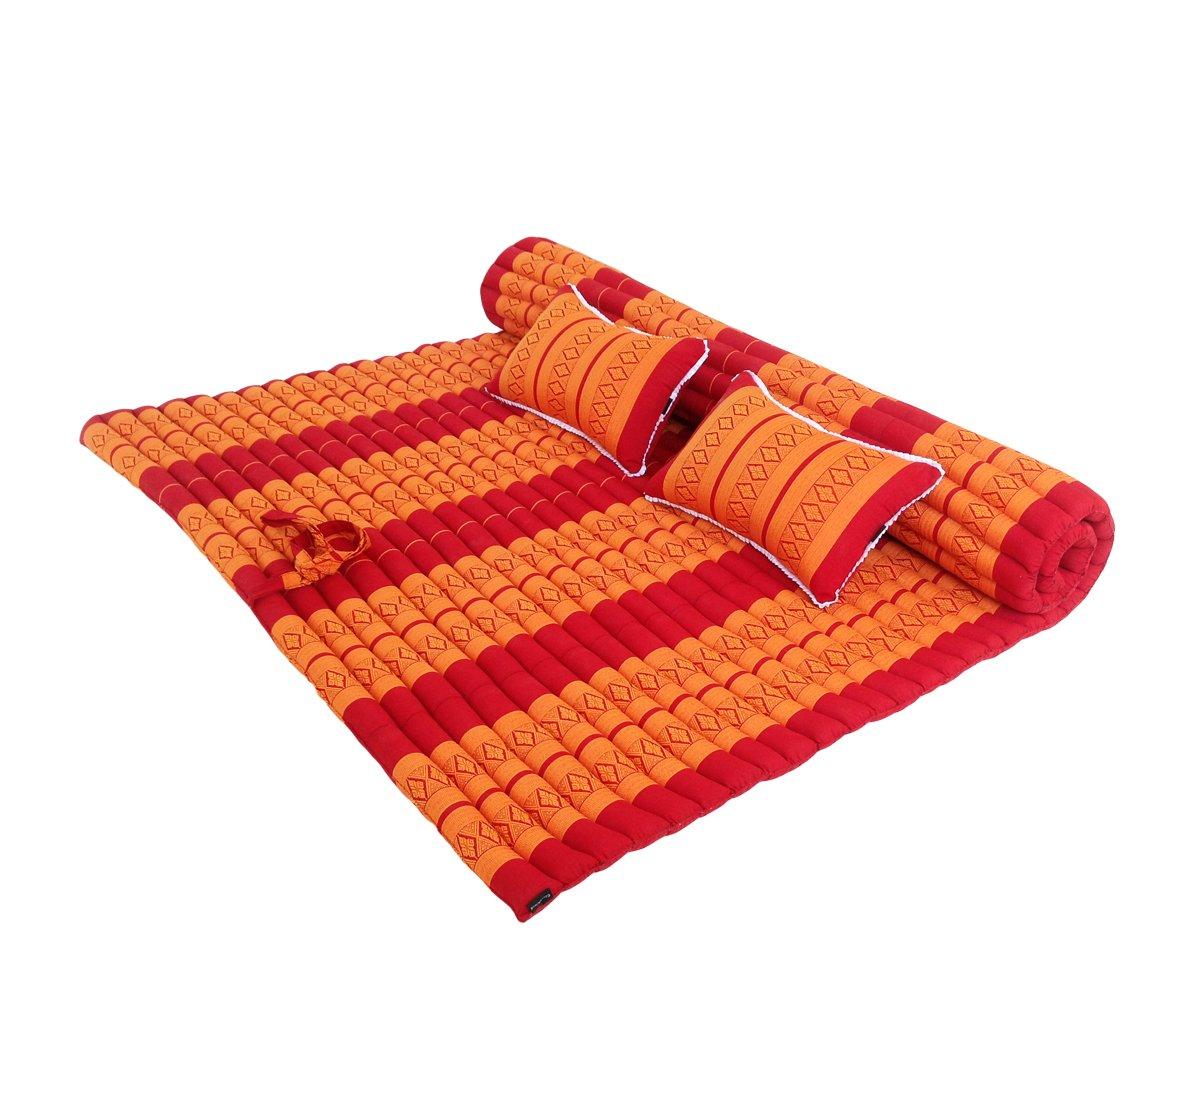 Futón tradicional tailandés enrollable, tamaño doble XXL con 2 cojines a juego para masaje, yoga, meditación o relajarse: Amazon.es: Hogar